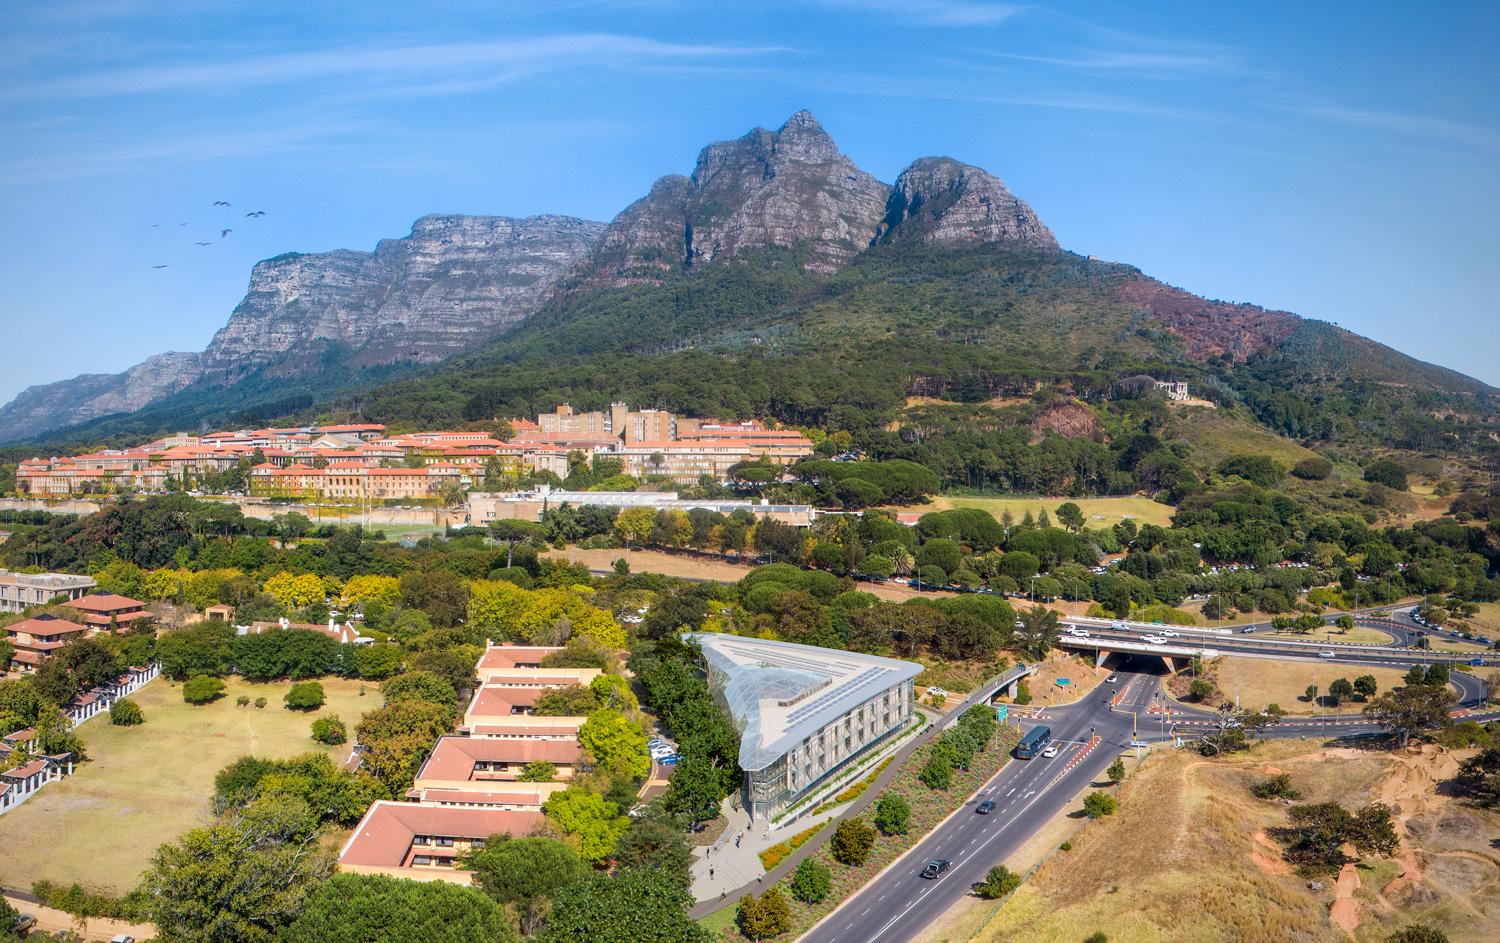 New building d-school UCT